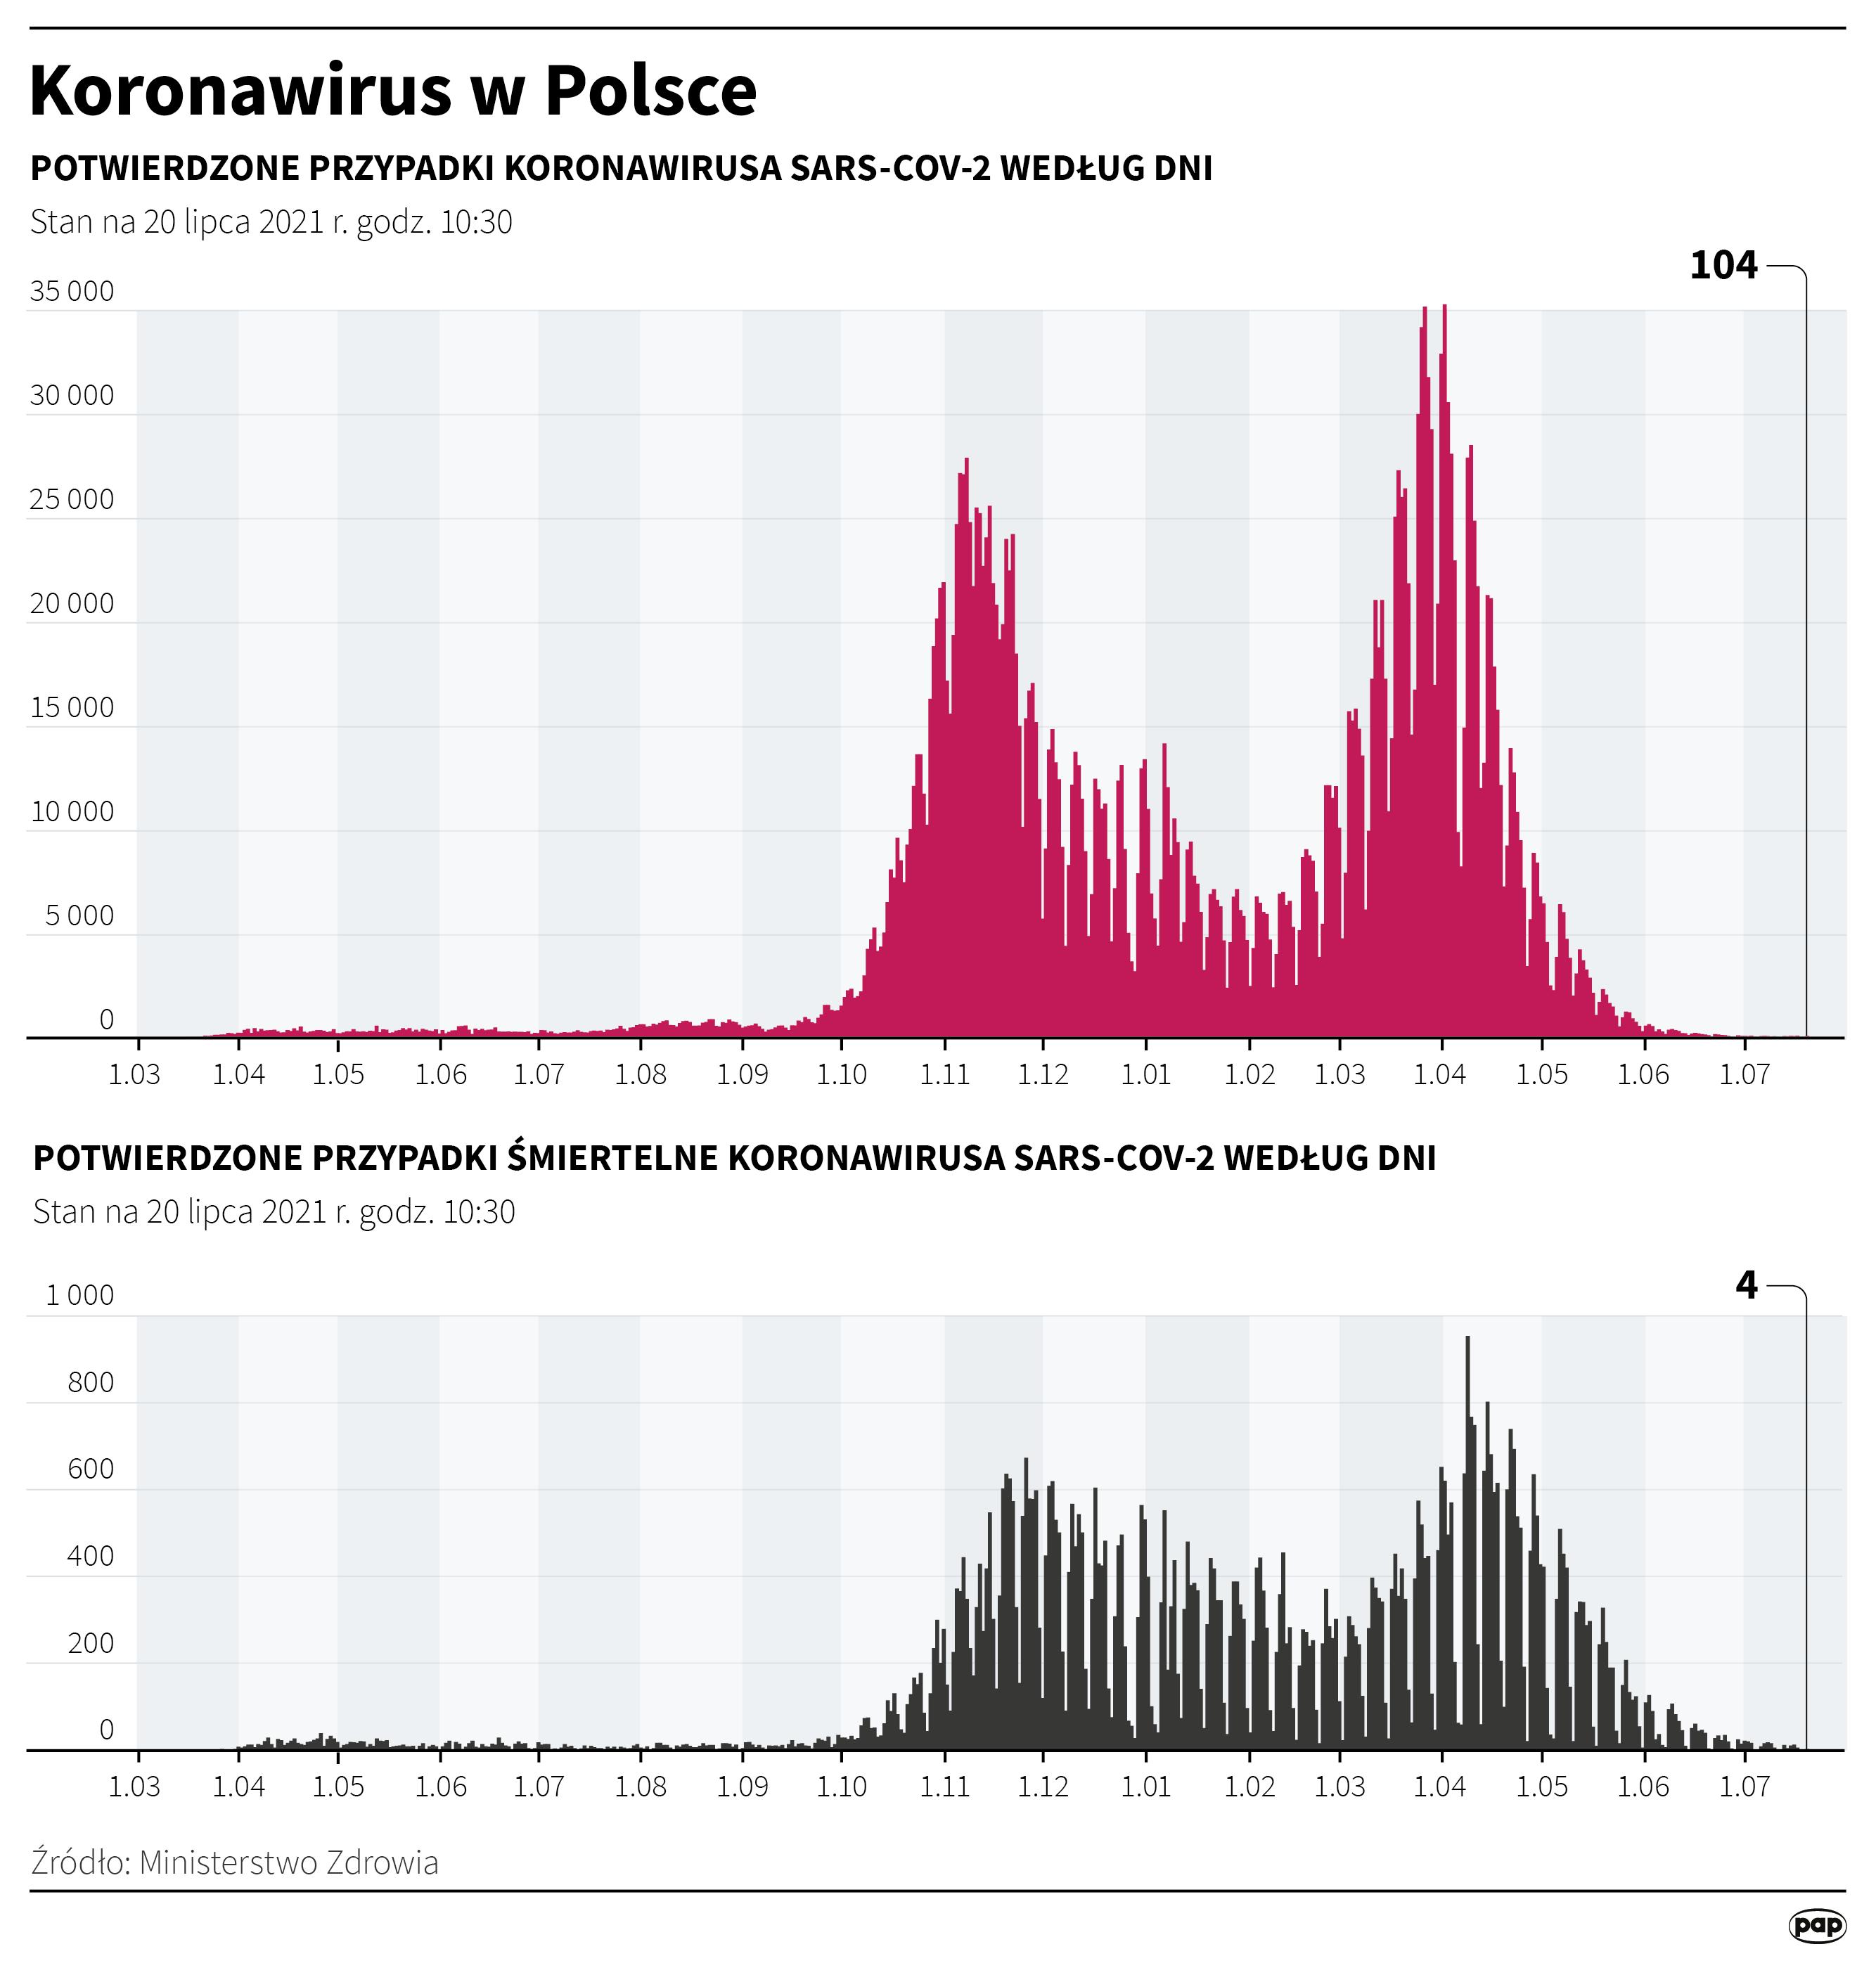 Koronawirus w Polsce stan na 20 lipca [autor: Maria Samczuk, źródło: PAP]